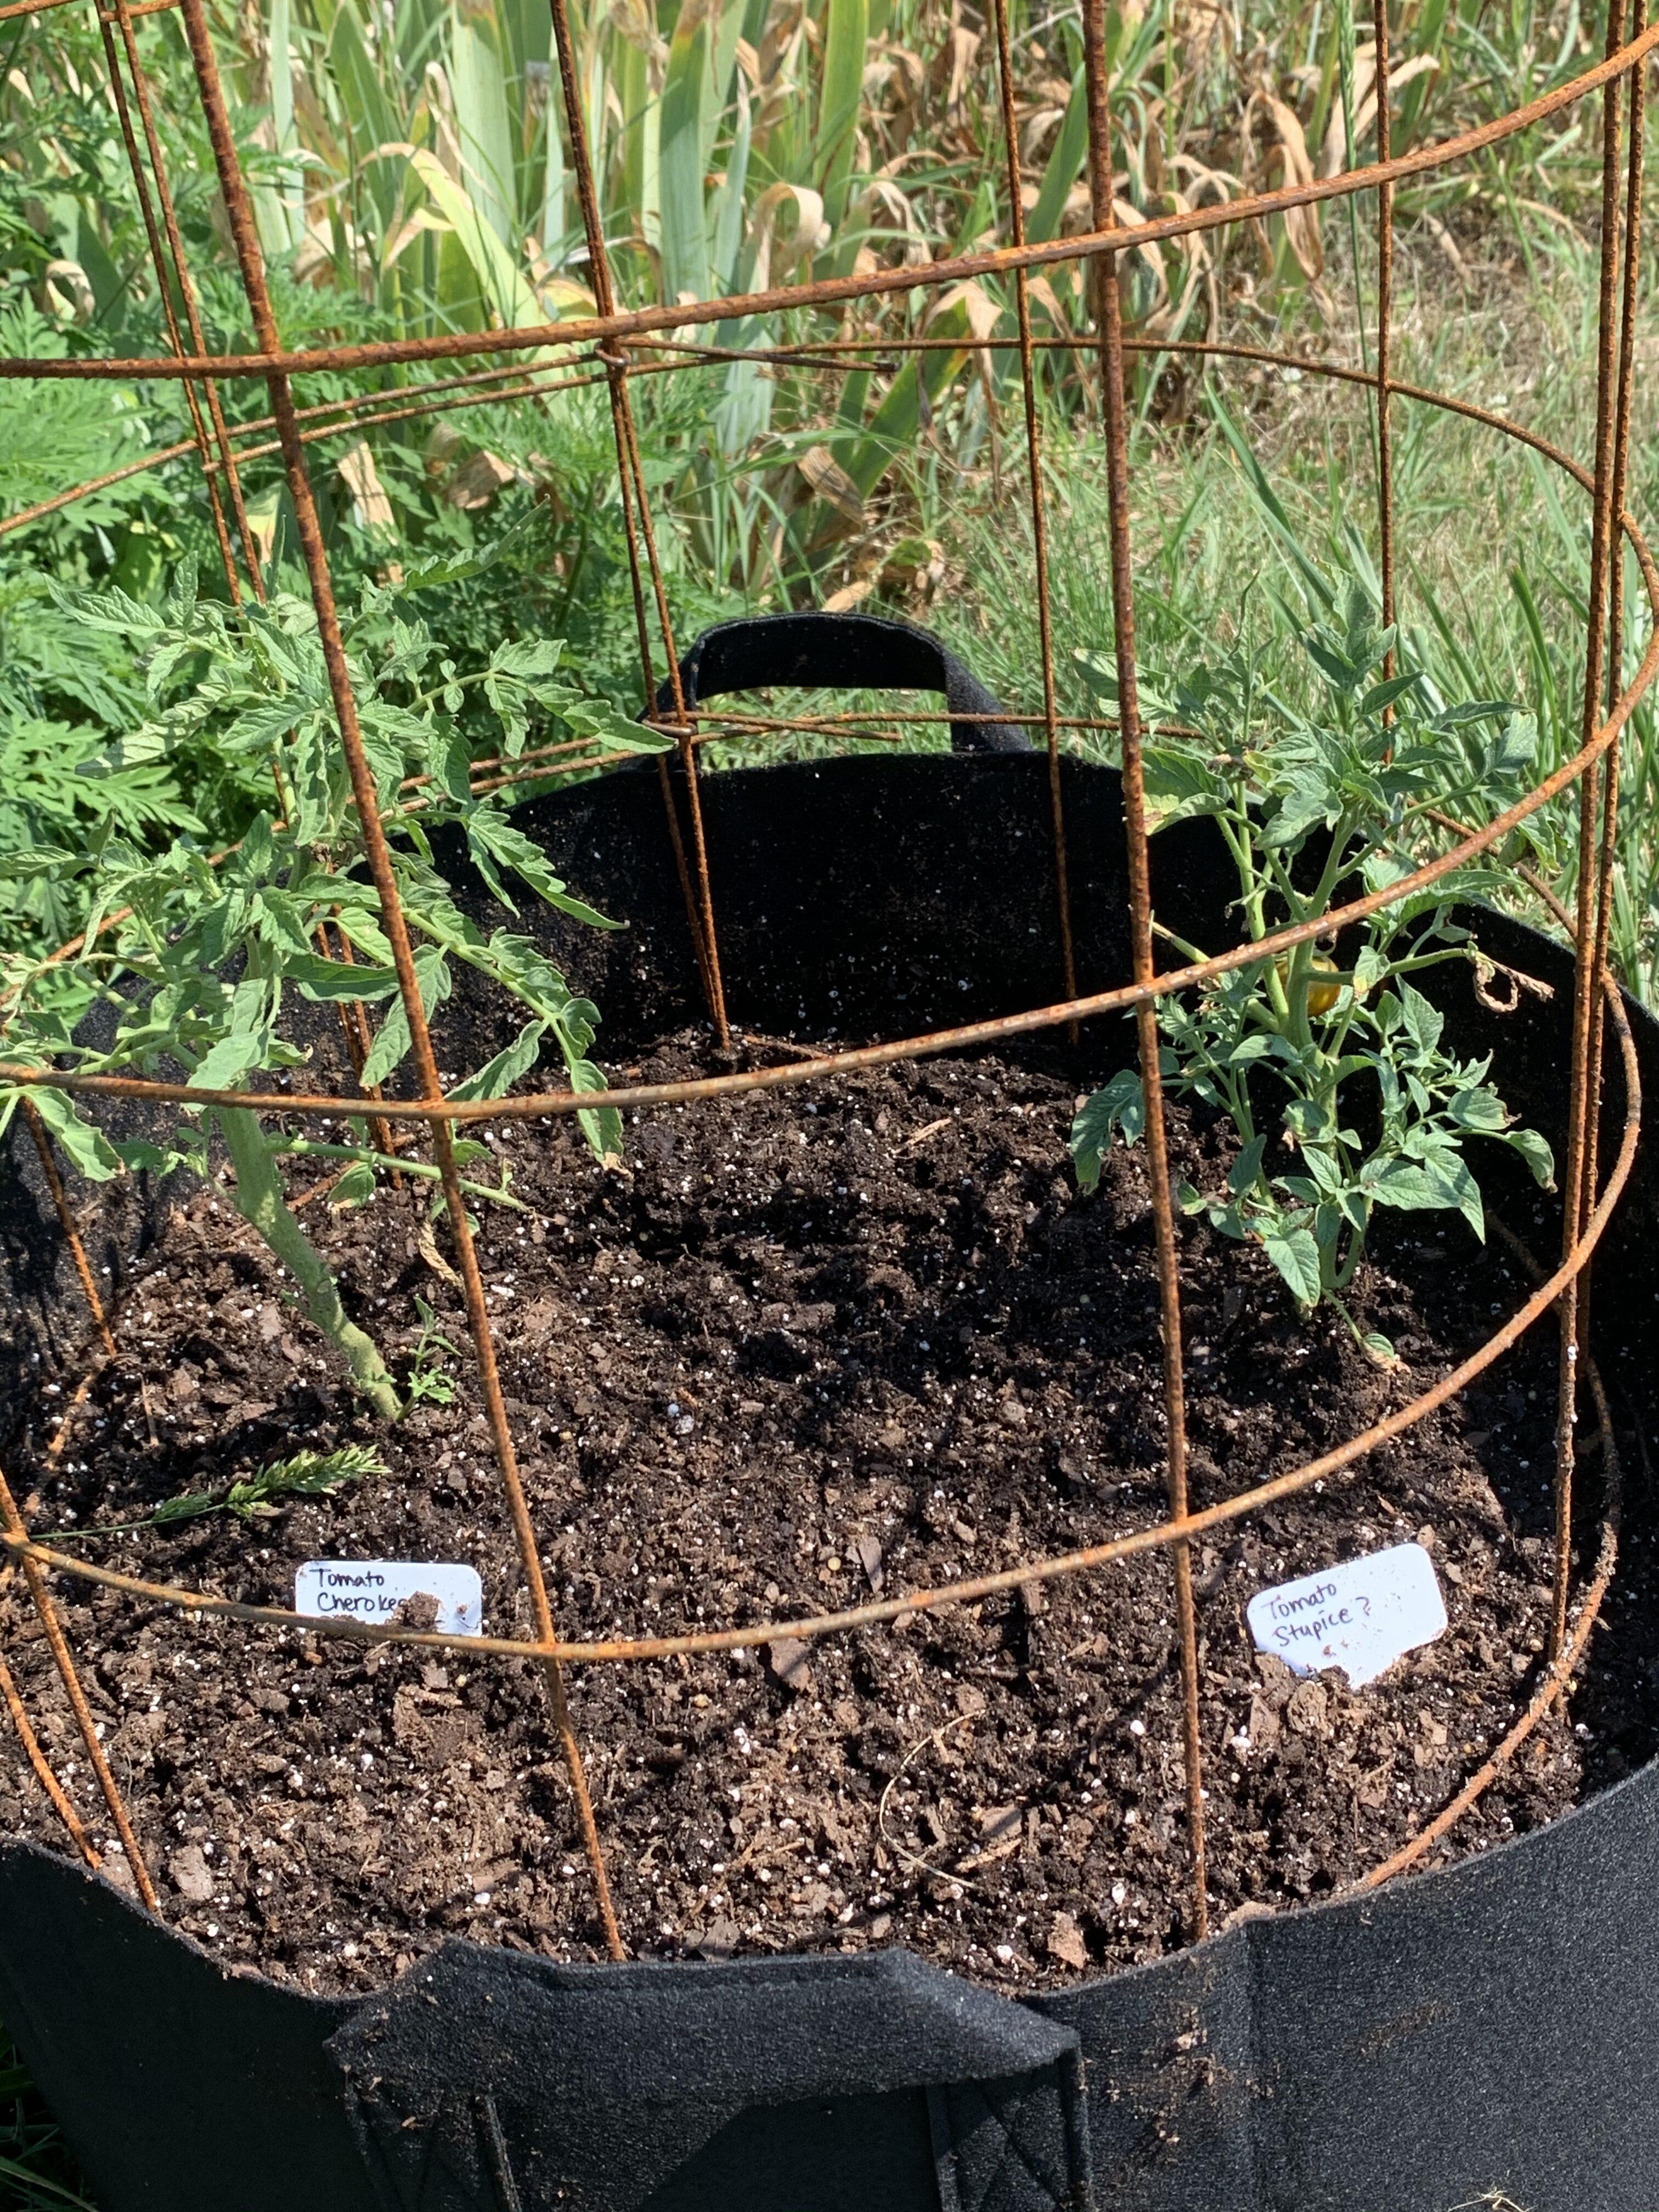 EEAFF407 3923 46B4 A7E7 8BCC559E7E7F Fourth of July Tomato!